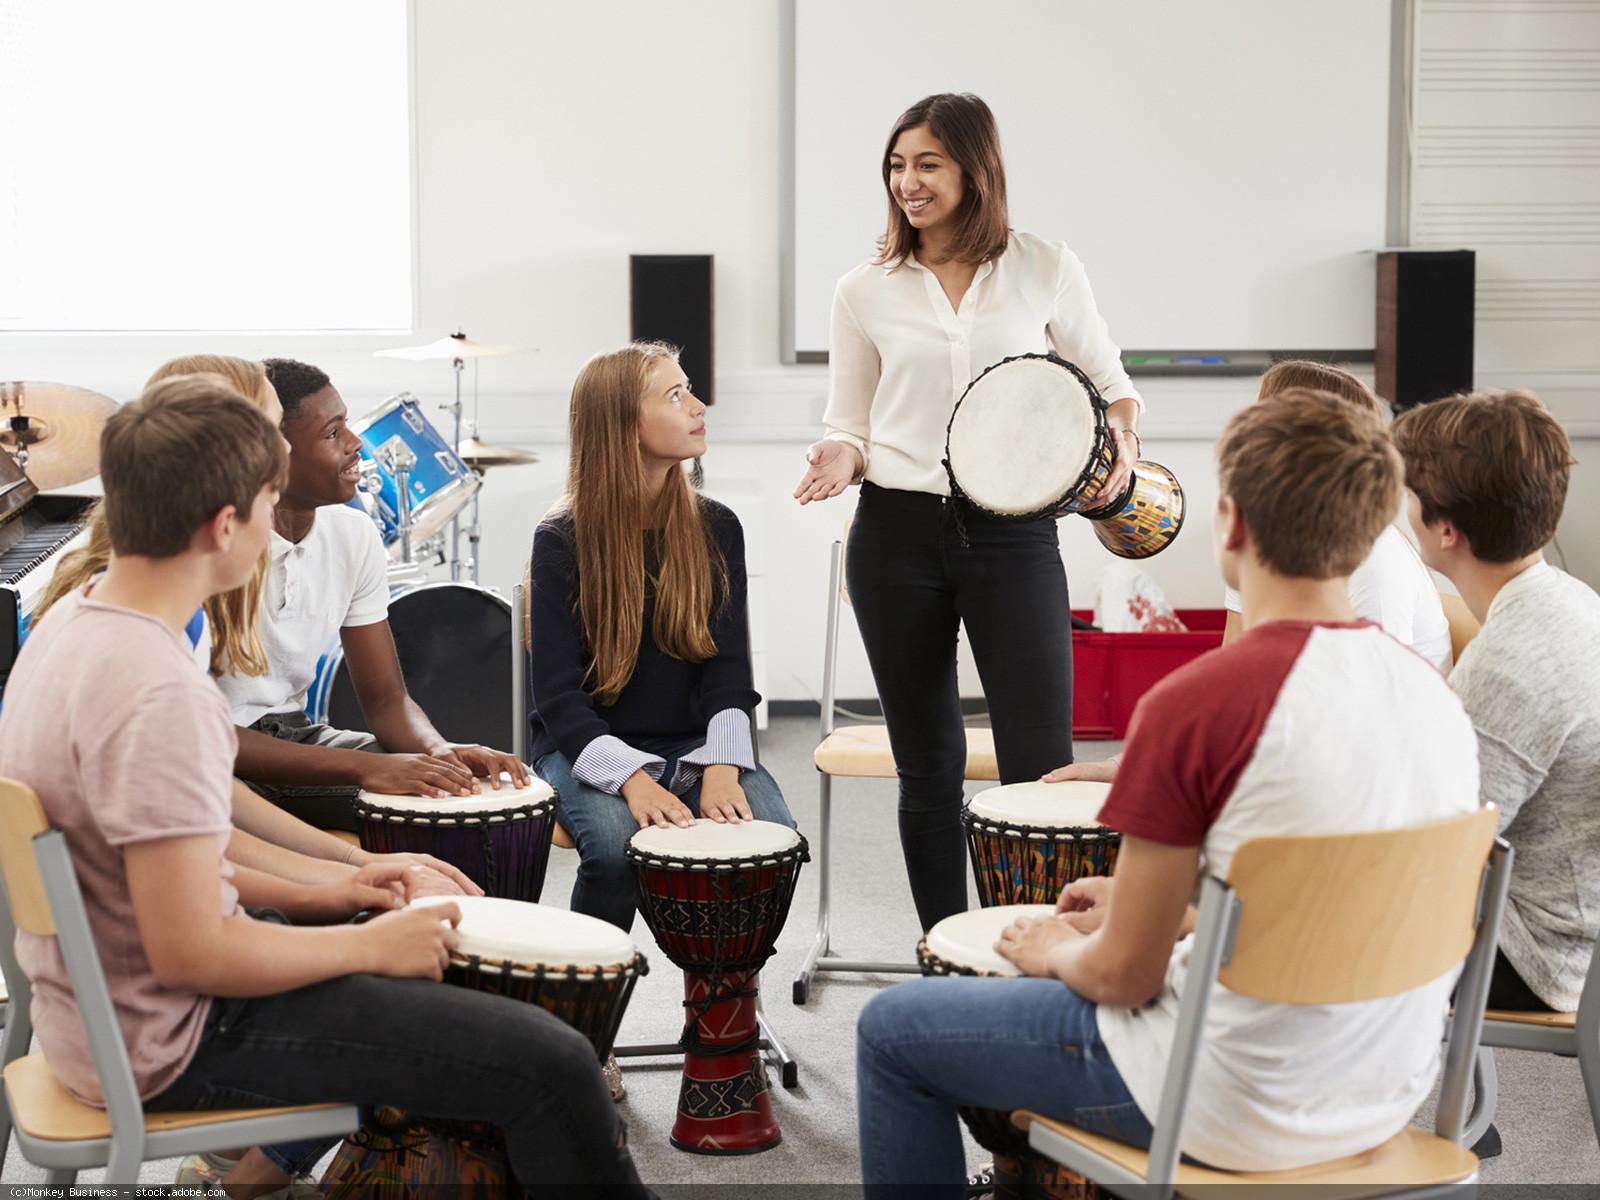 Schülerinnen und Schüler lernen in der Gruppe ein Percussioninstrument